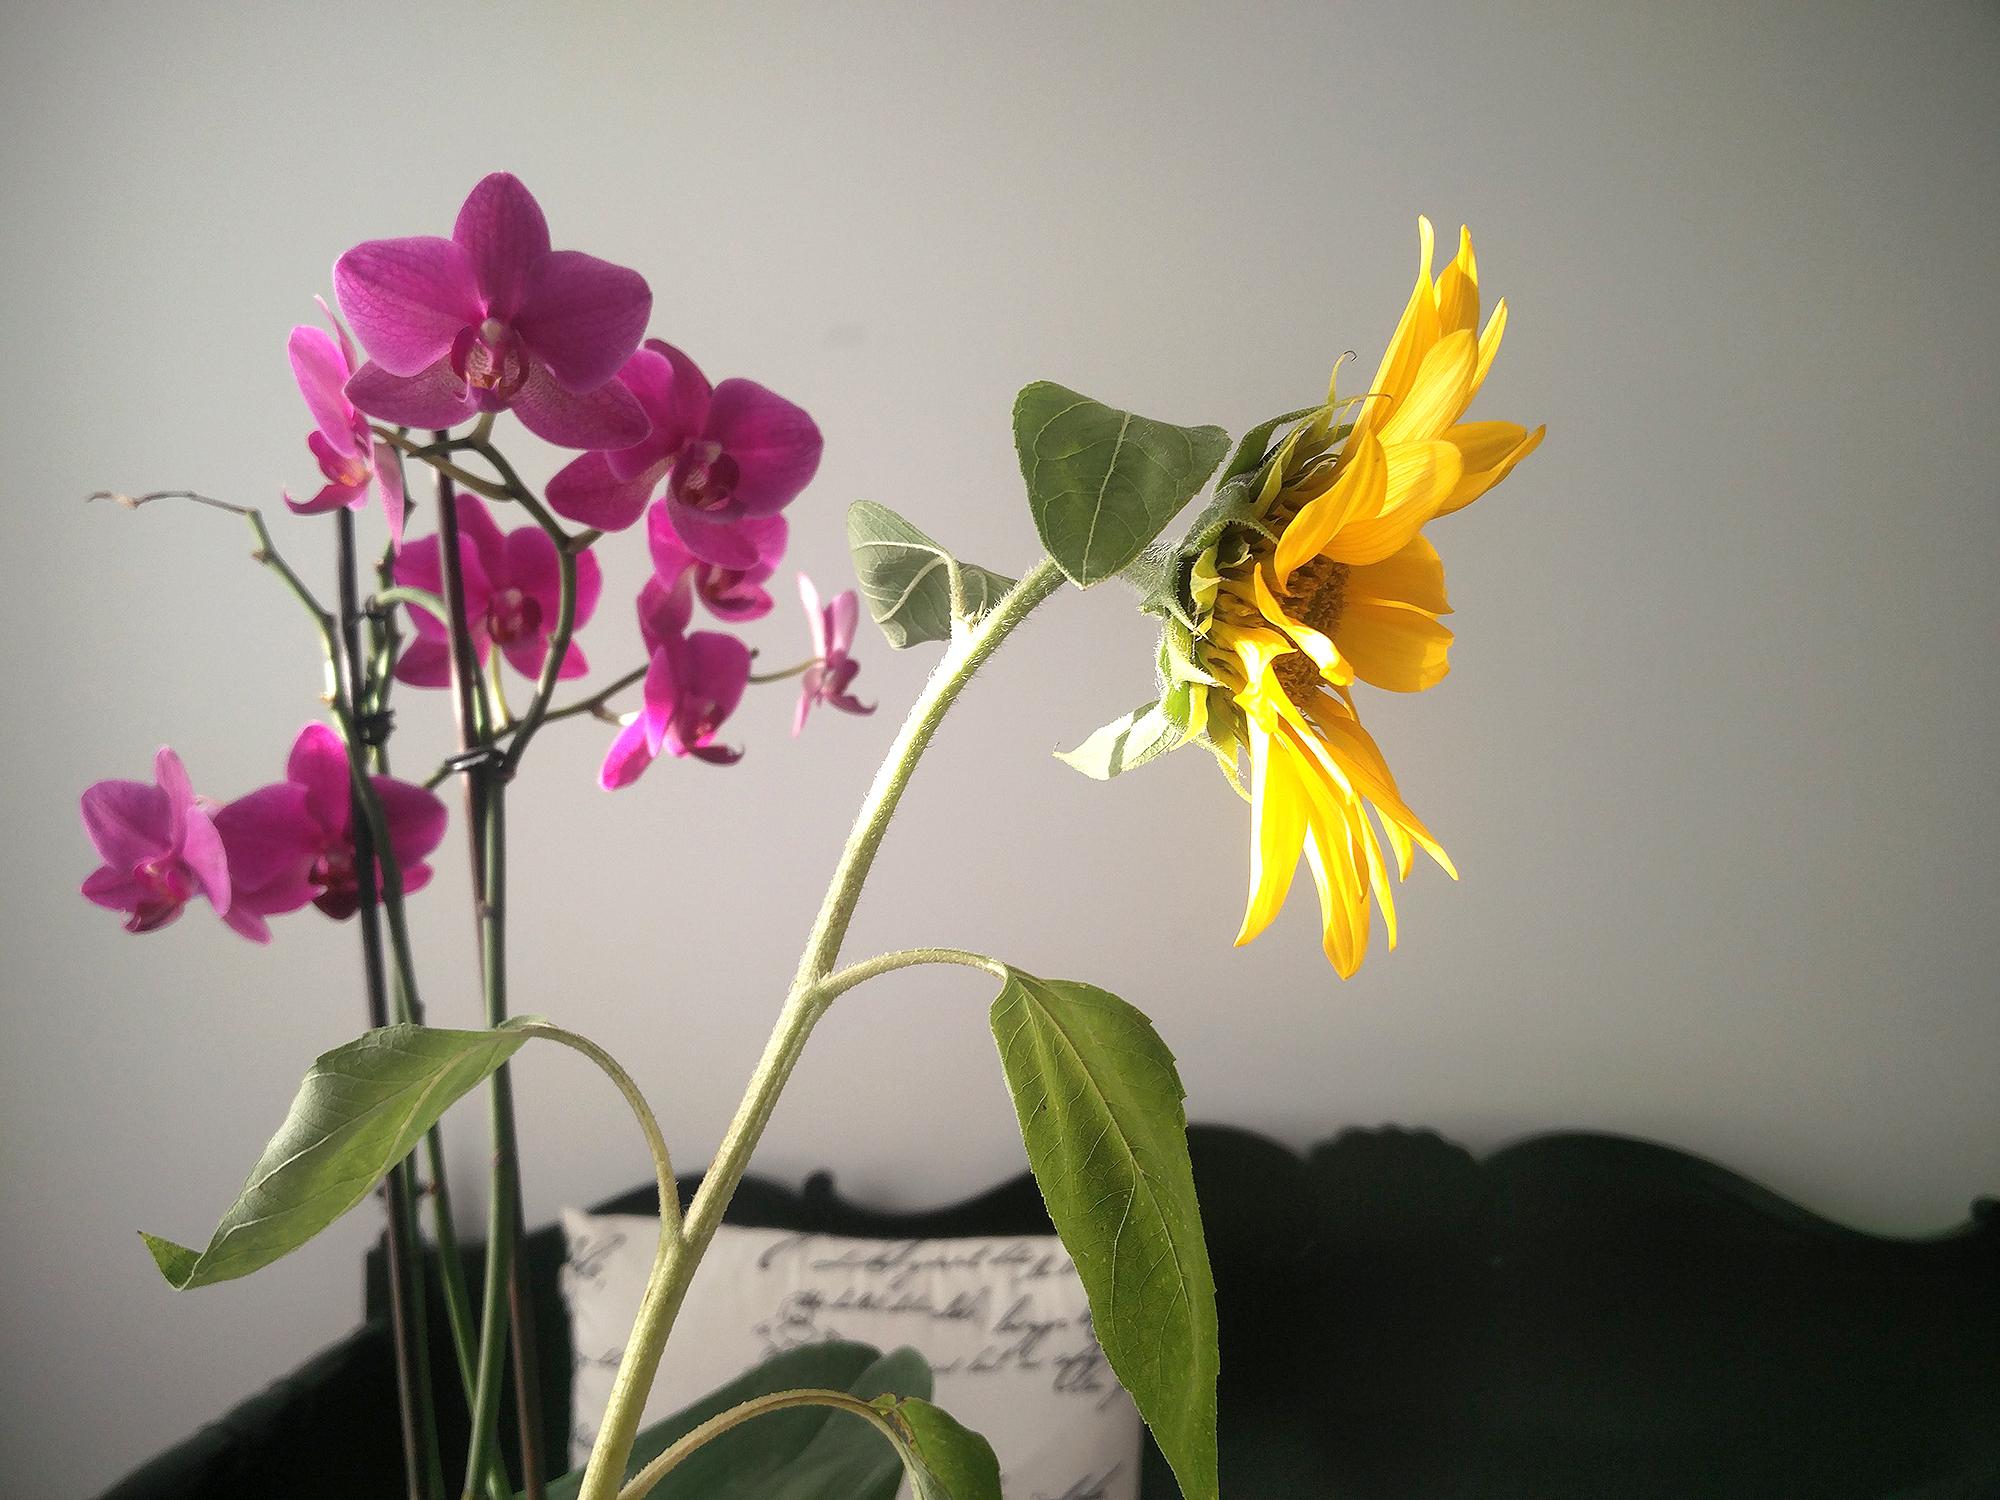 penkkisanky_orkidea_auringonkukka_mustavalko_sisustus_3